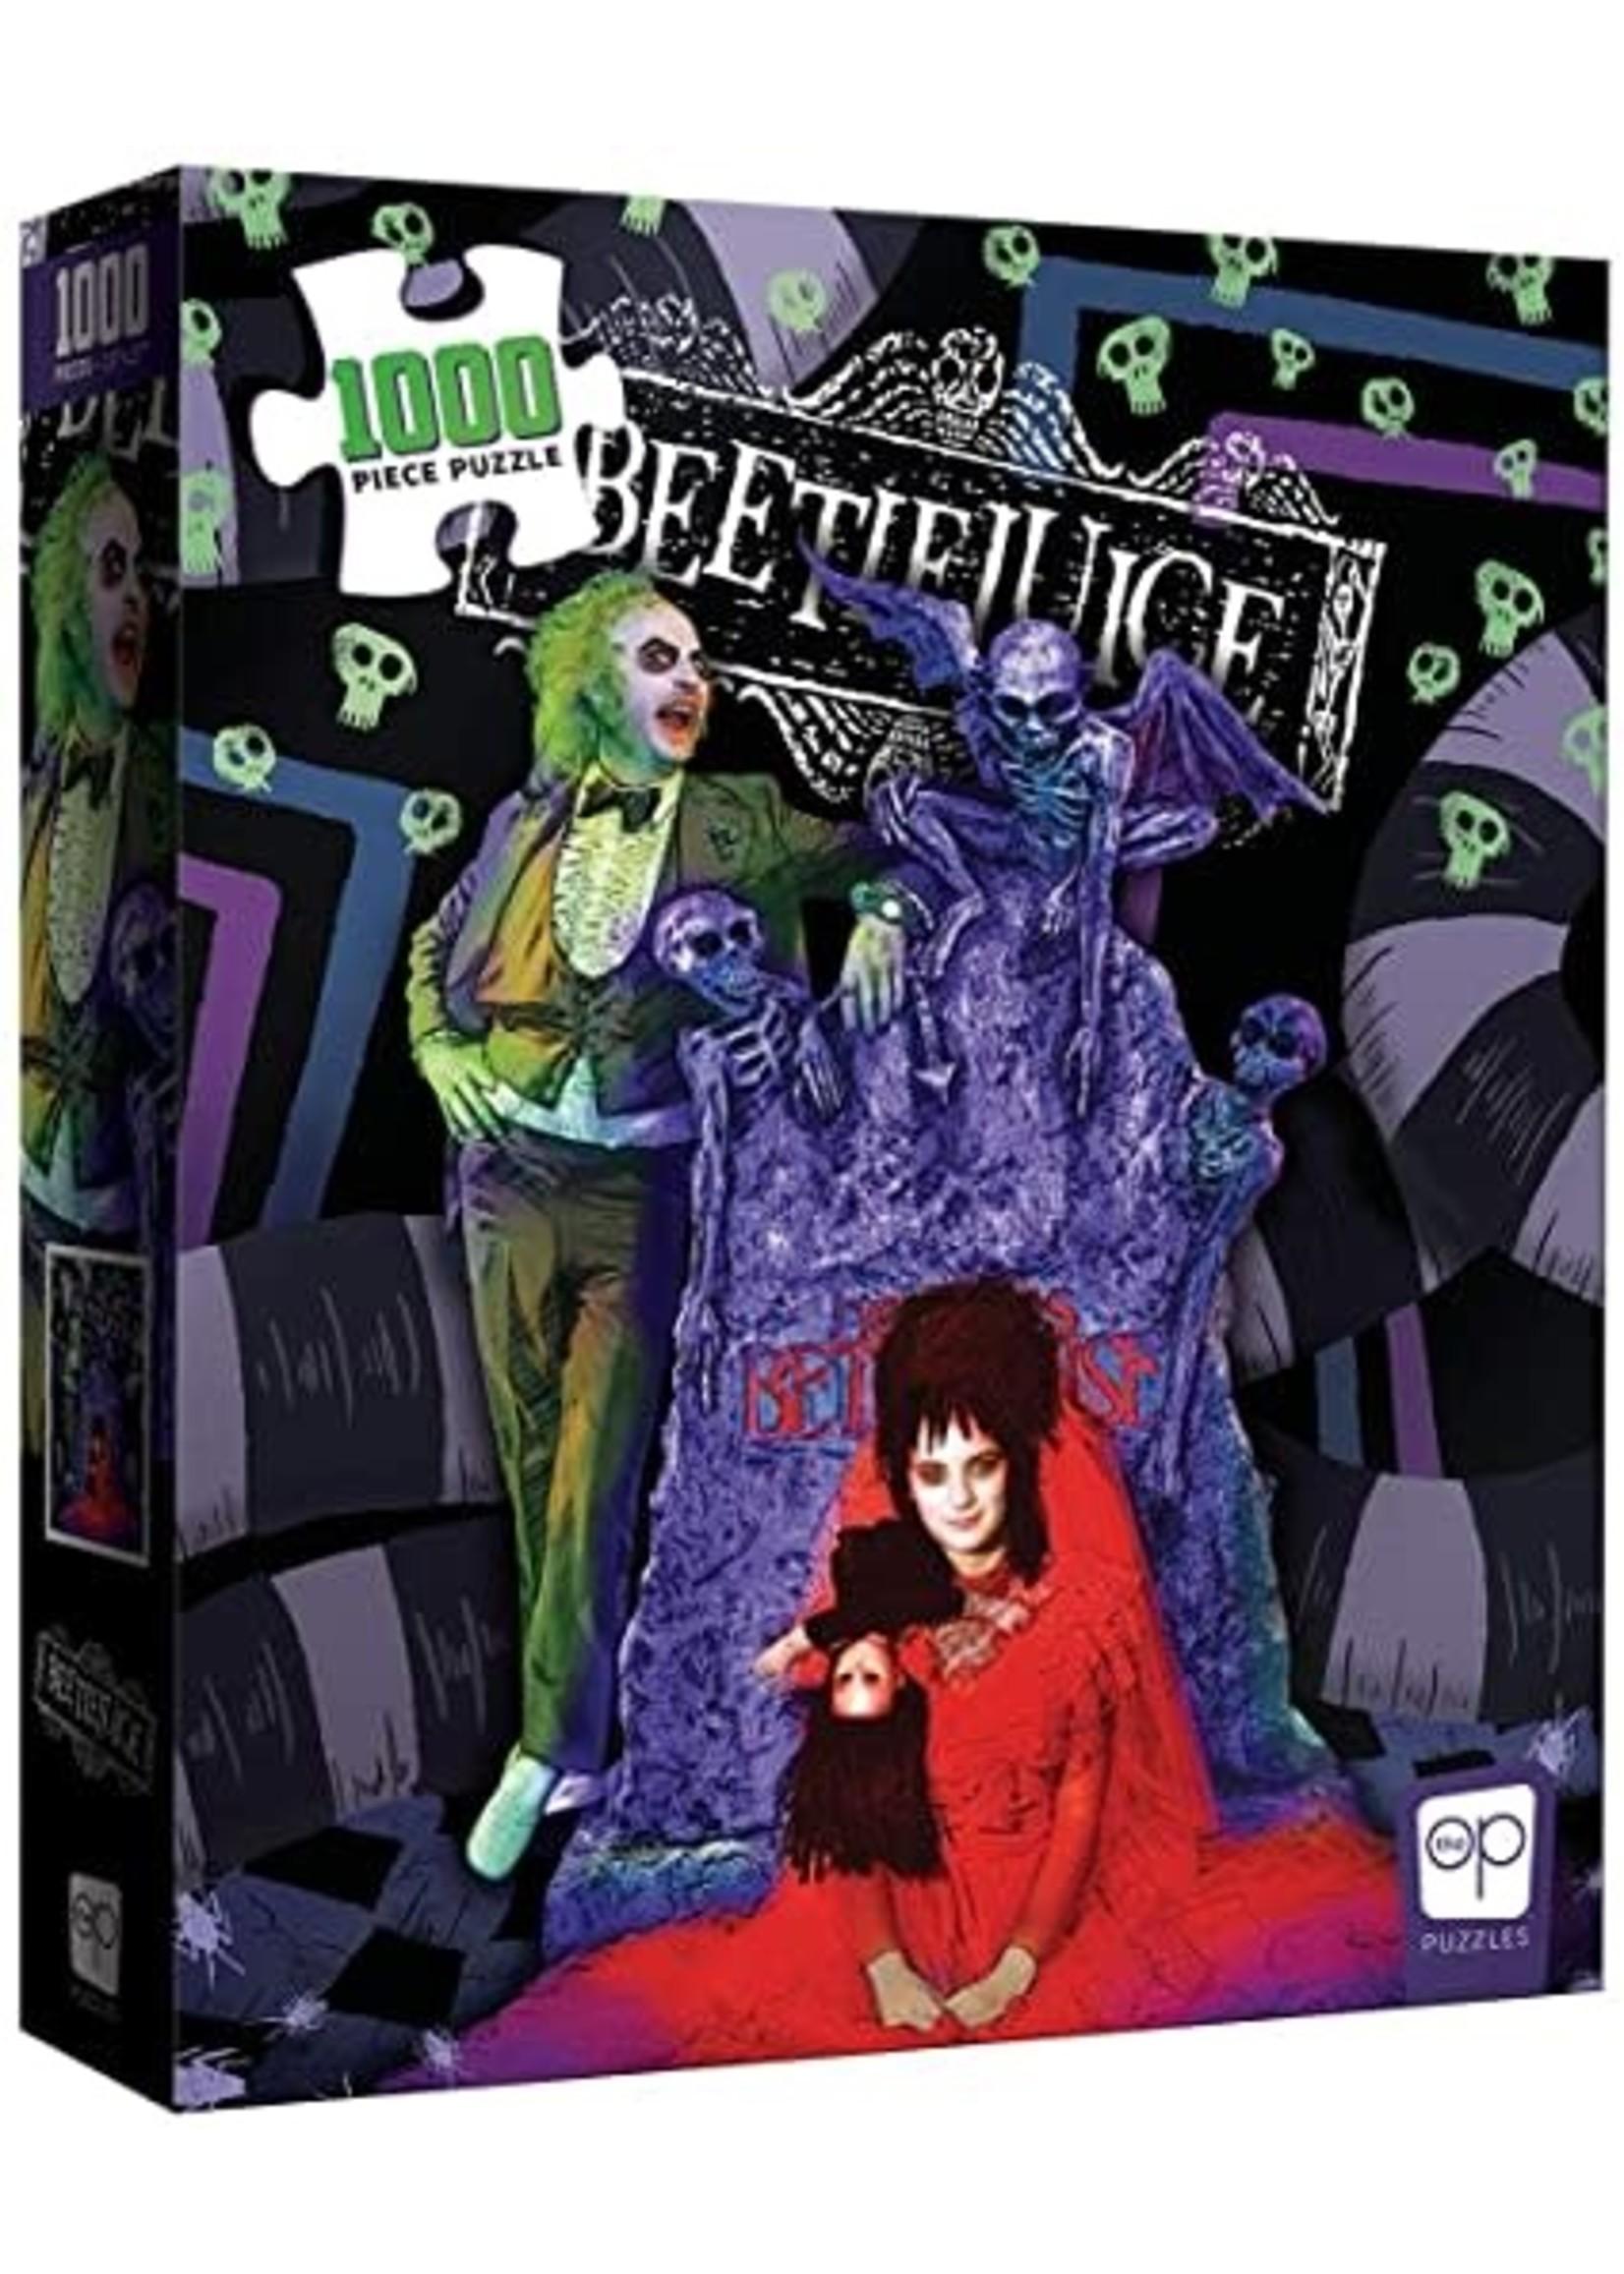 Beetlejuice 1000 Piece Puzzle